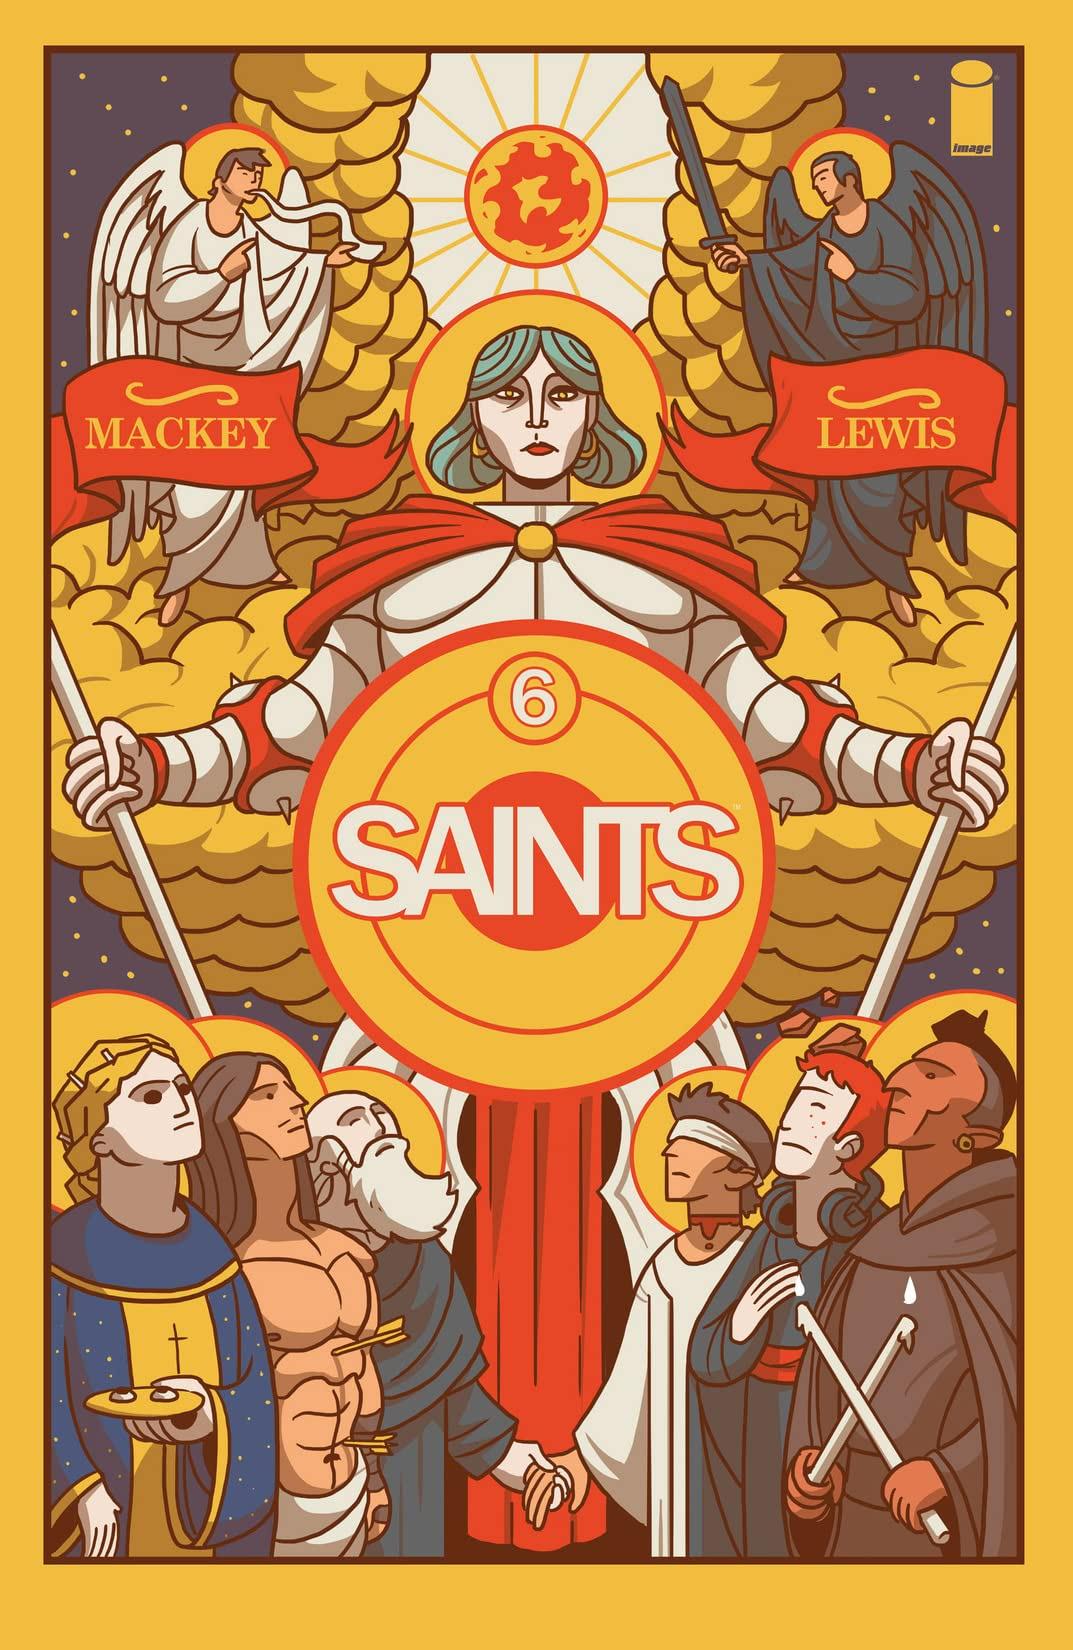 Saints #6